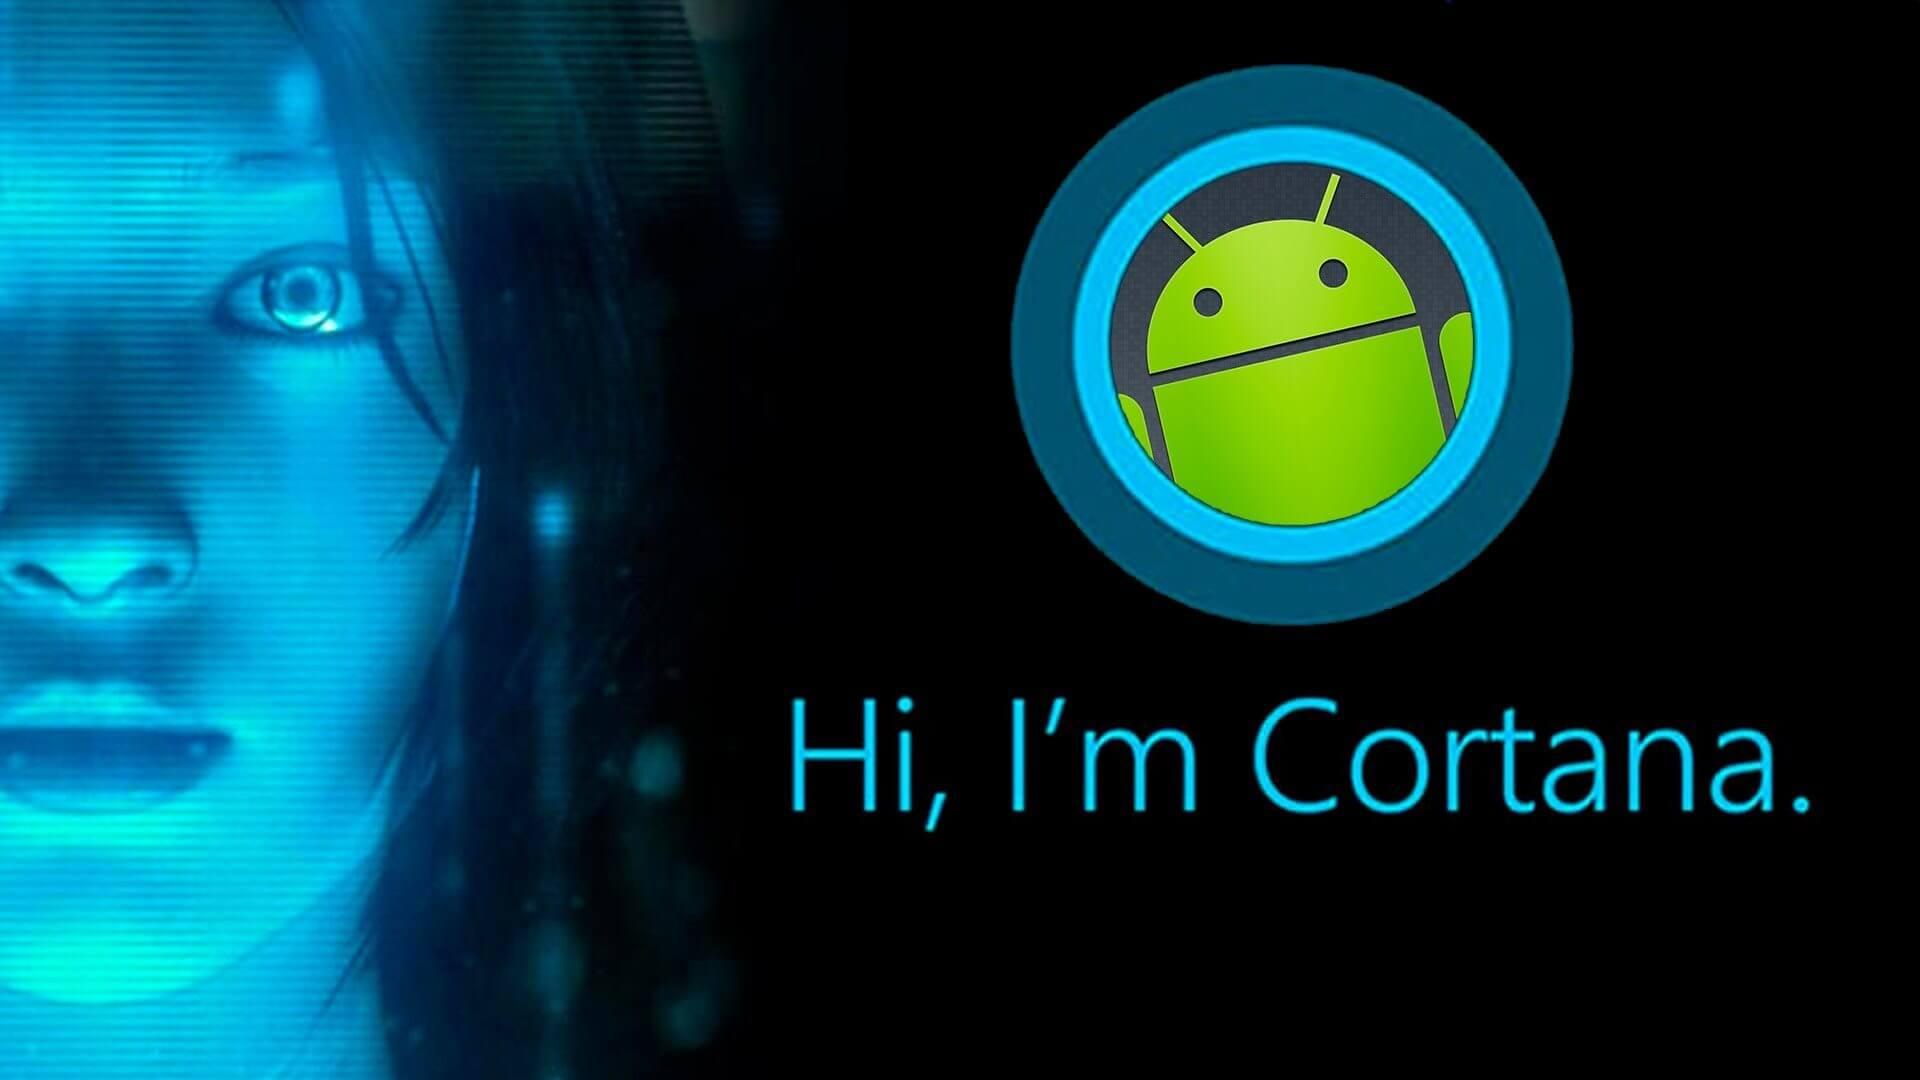 smt-Cortana-capa2